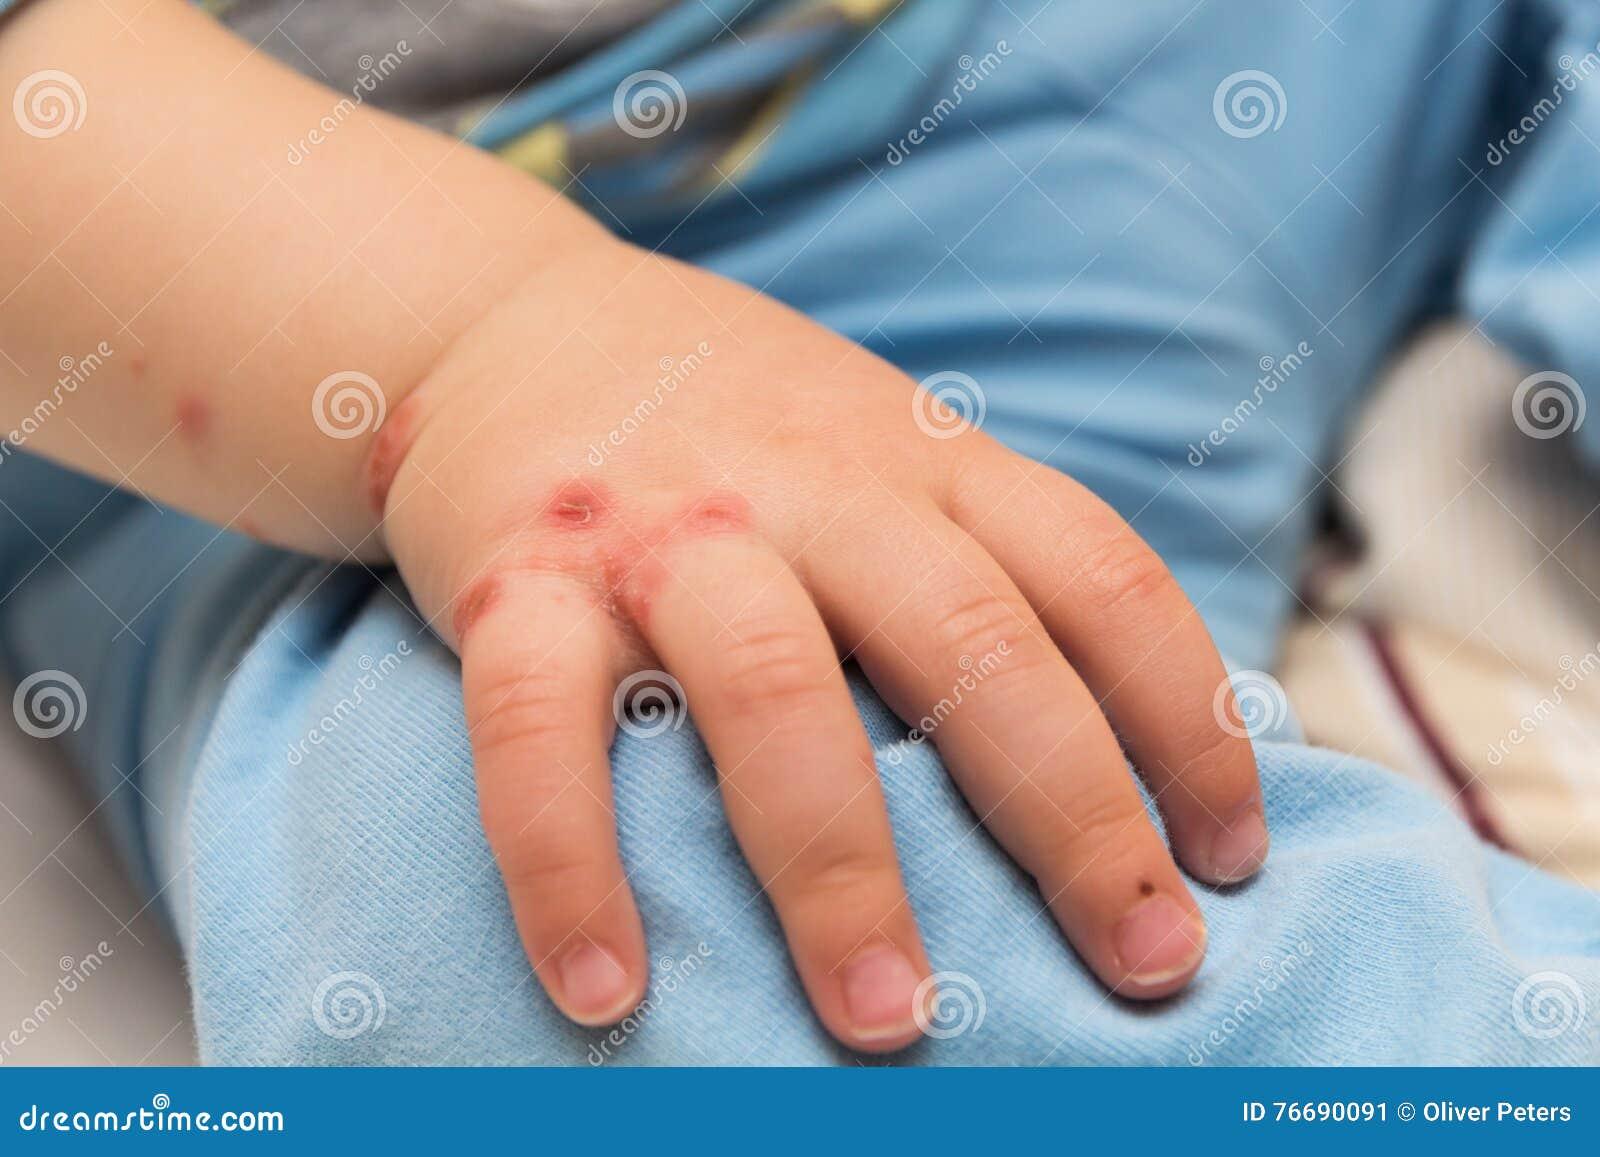 enfermedades de la piel en niños imagenes